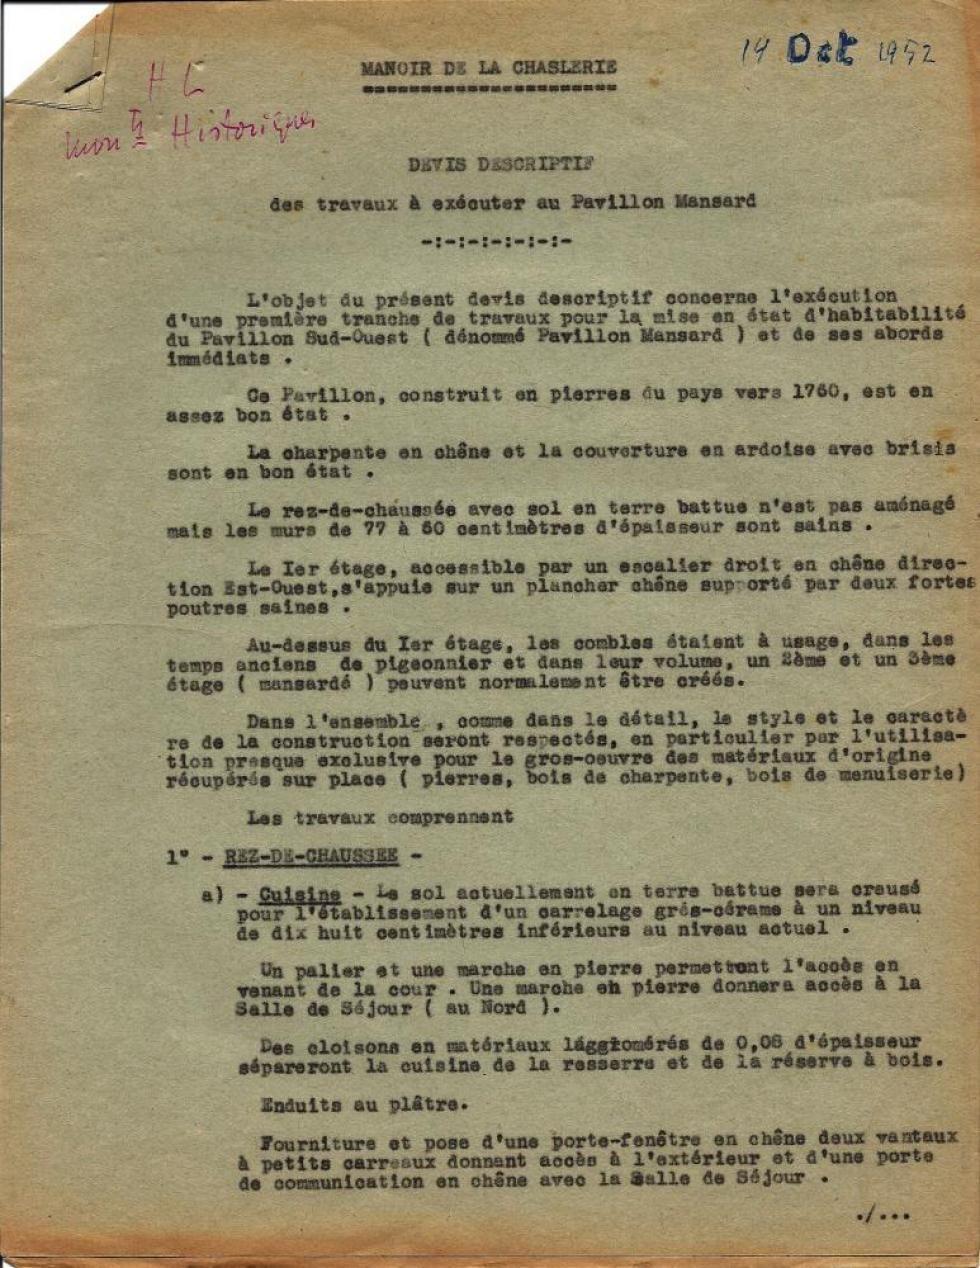 14 octobre 1952, descriptif des travaux envisagés par Henri LEVEQUE sur le colombier et l'écurie de la Chaslerie, page 1.